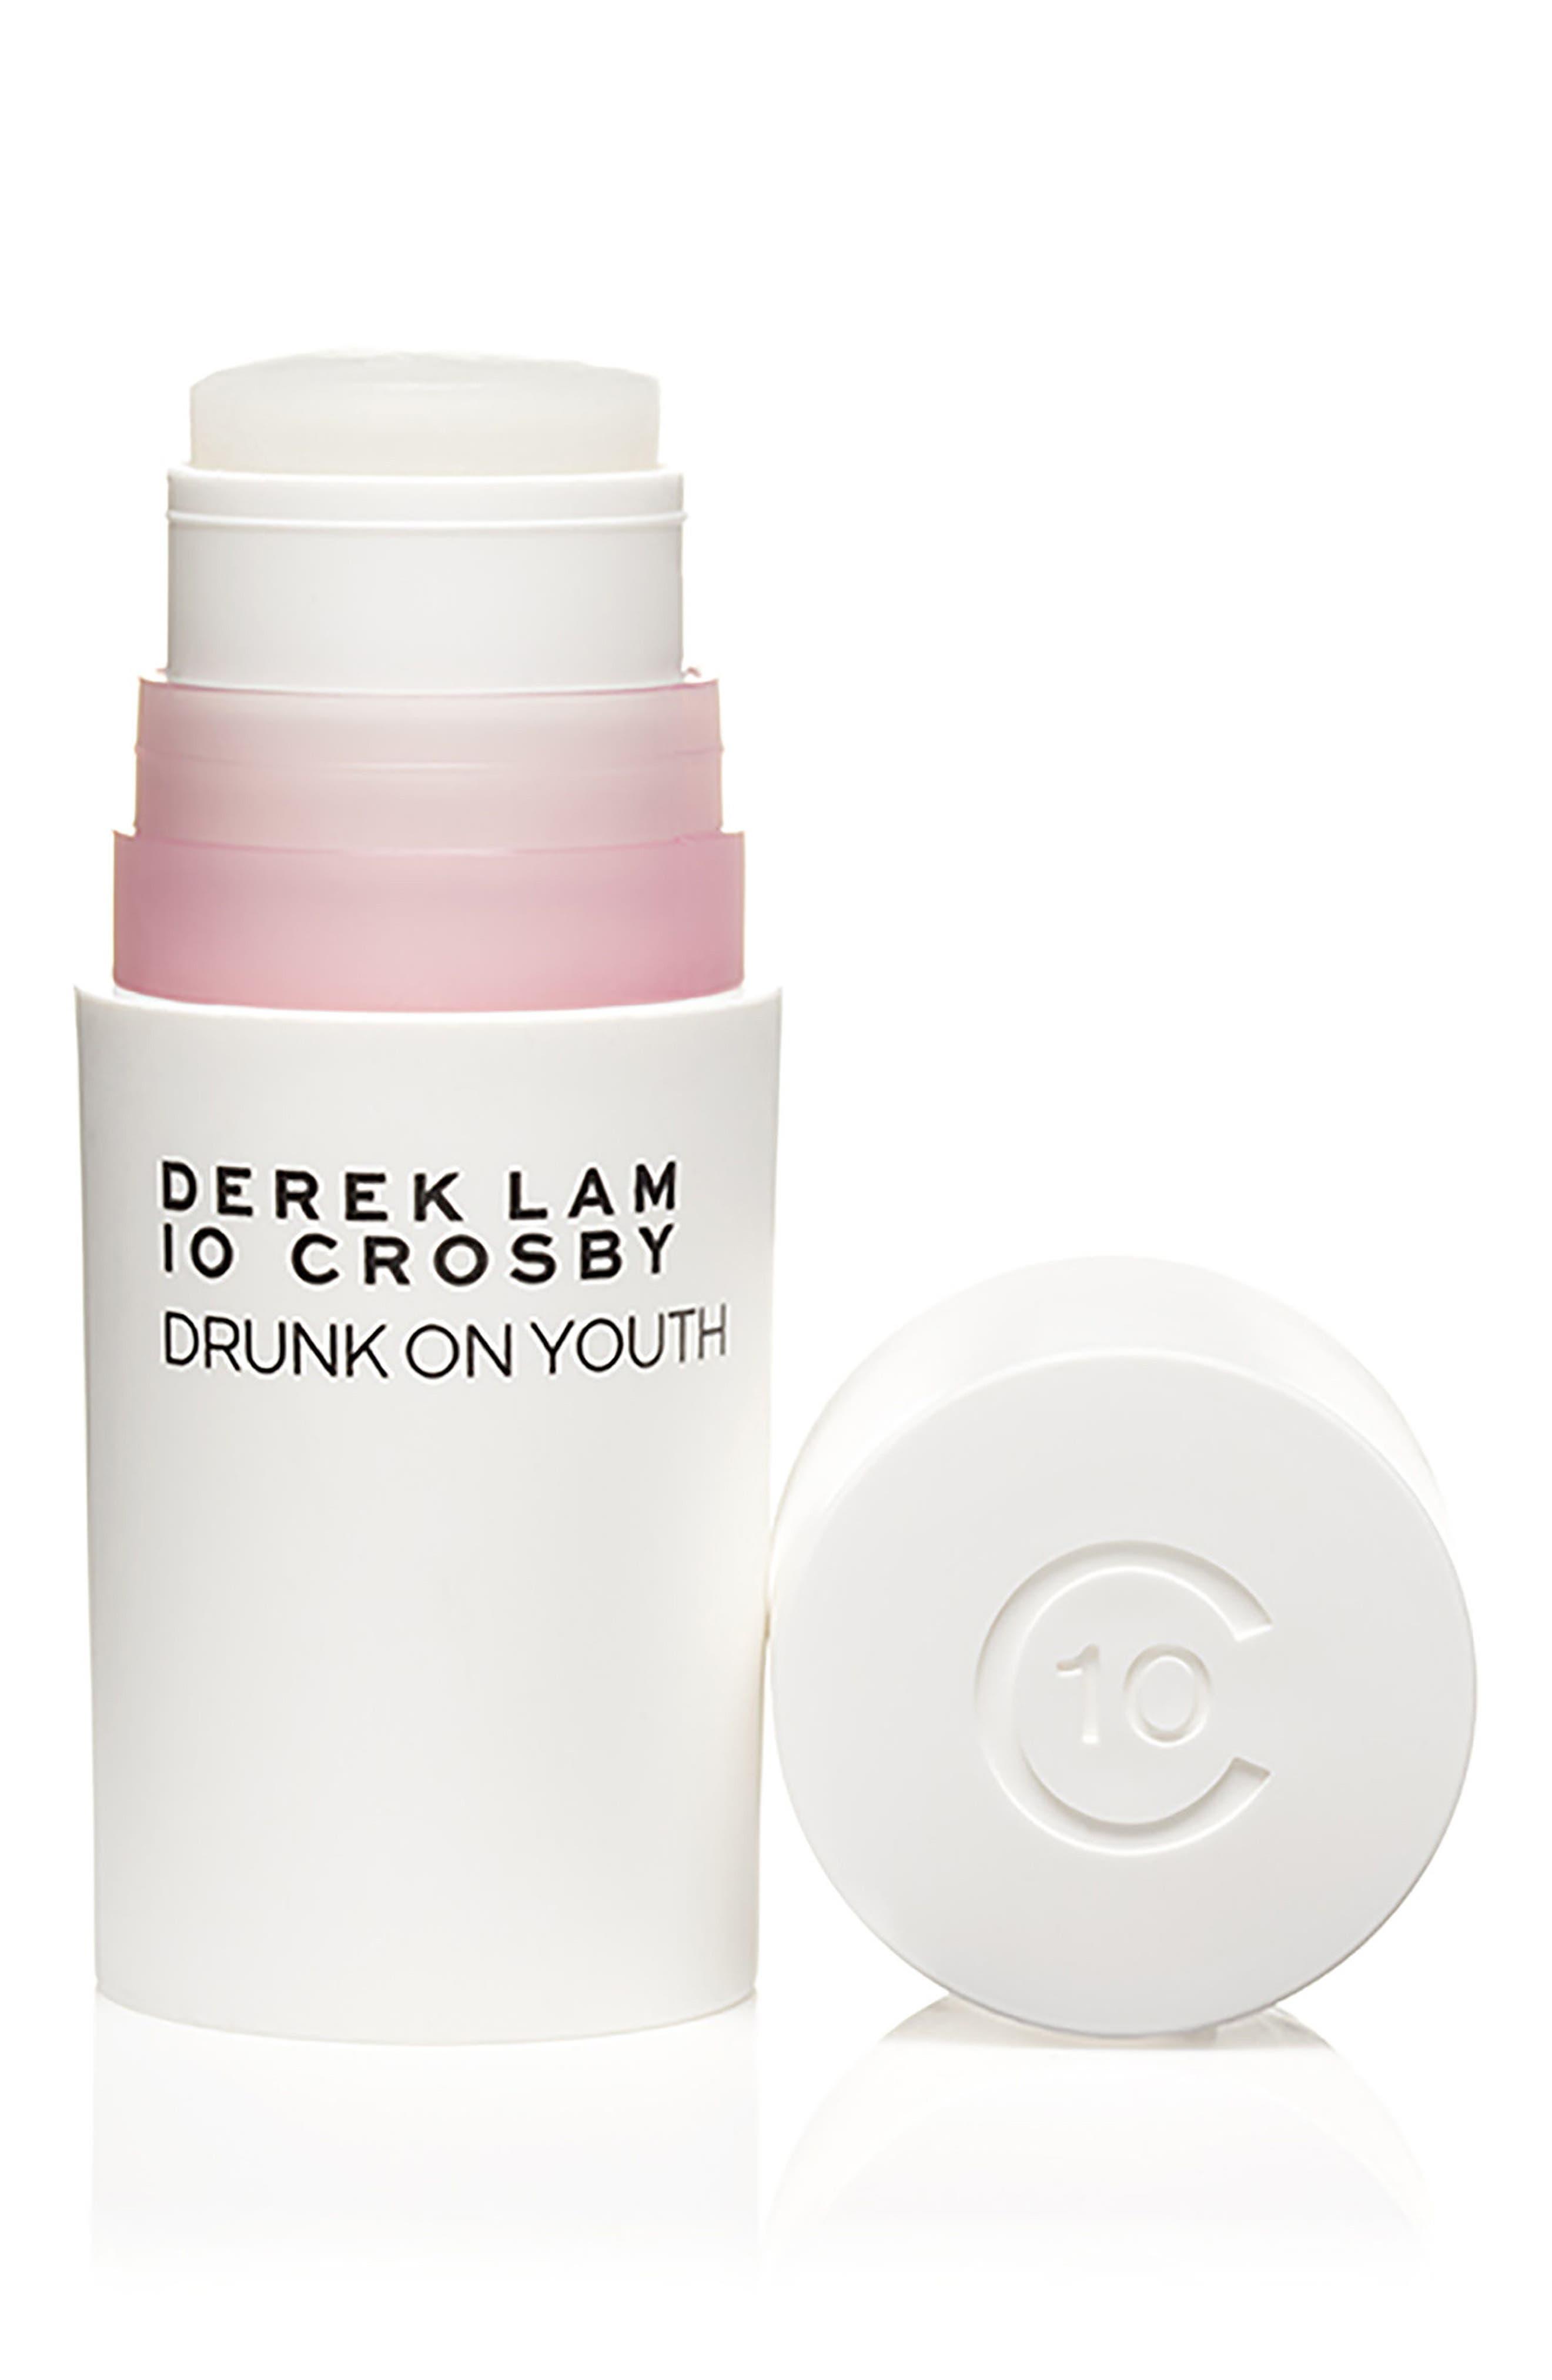 Alternate Image 1 Selected - Derek Lam 10 Crosby Drunk on Youth Parfum Stick